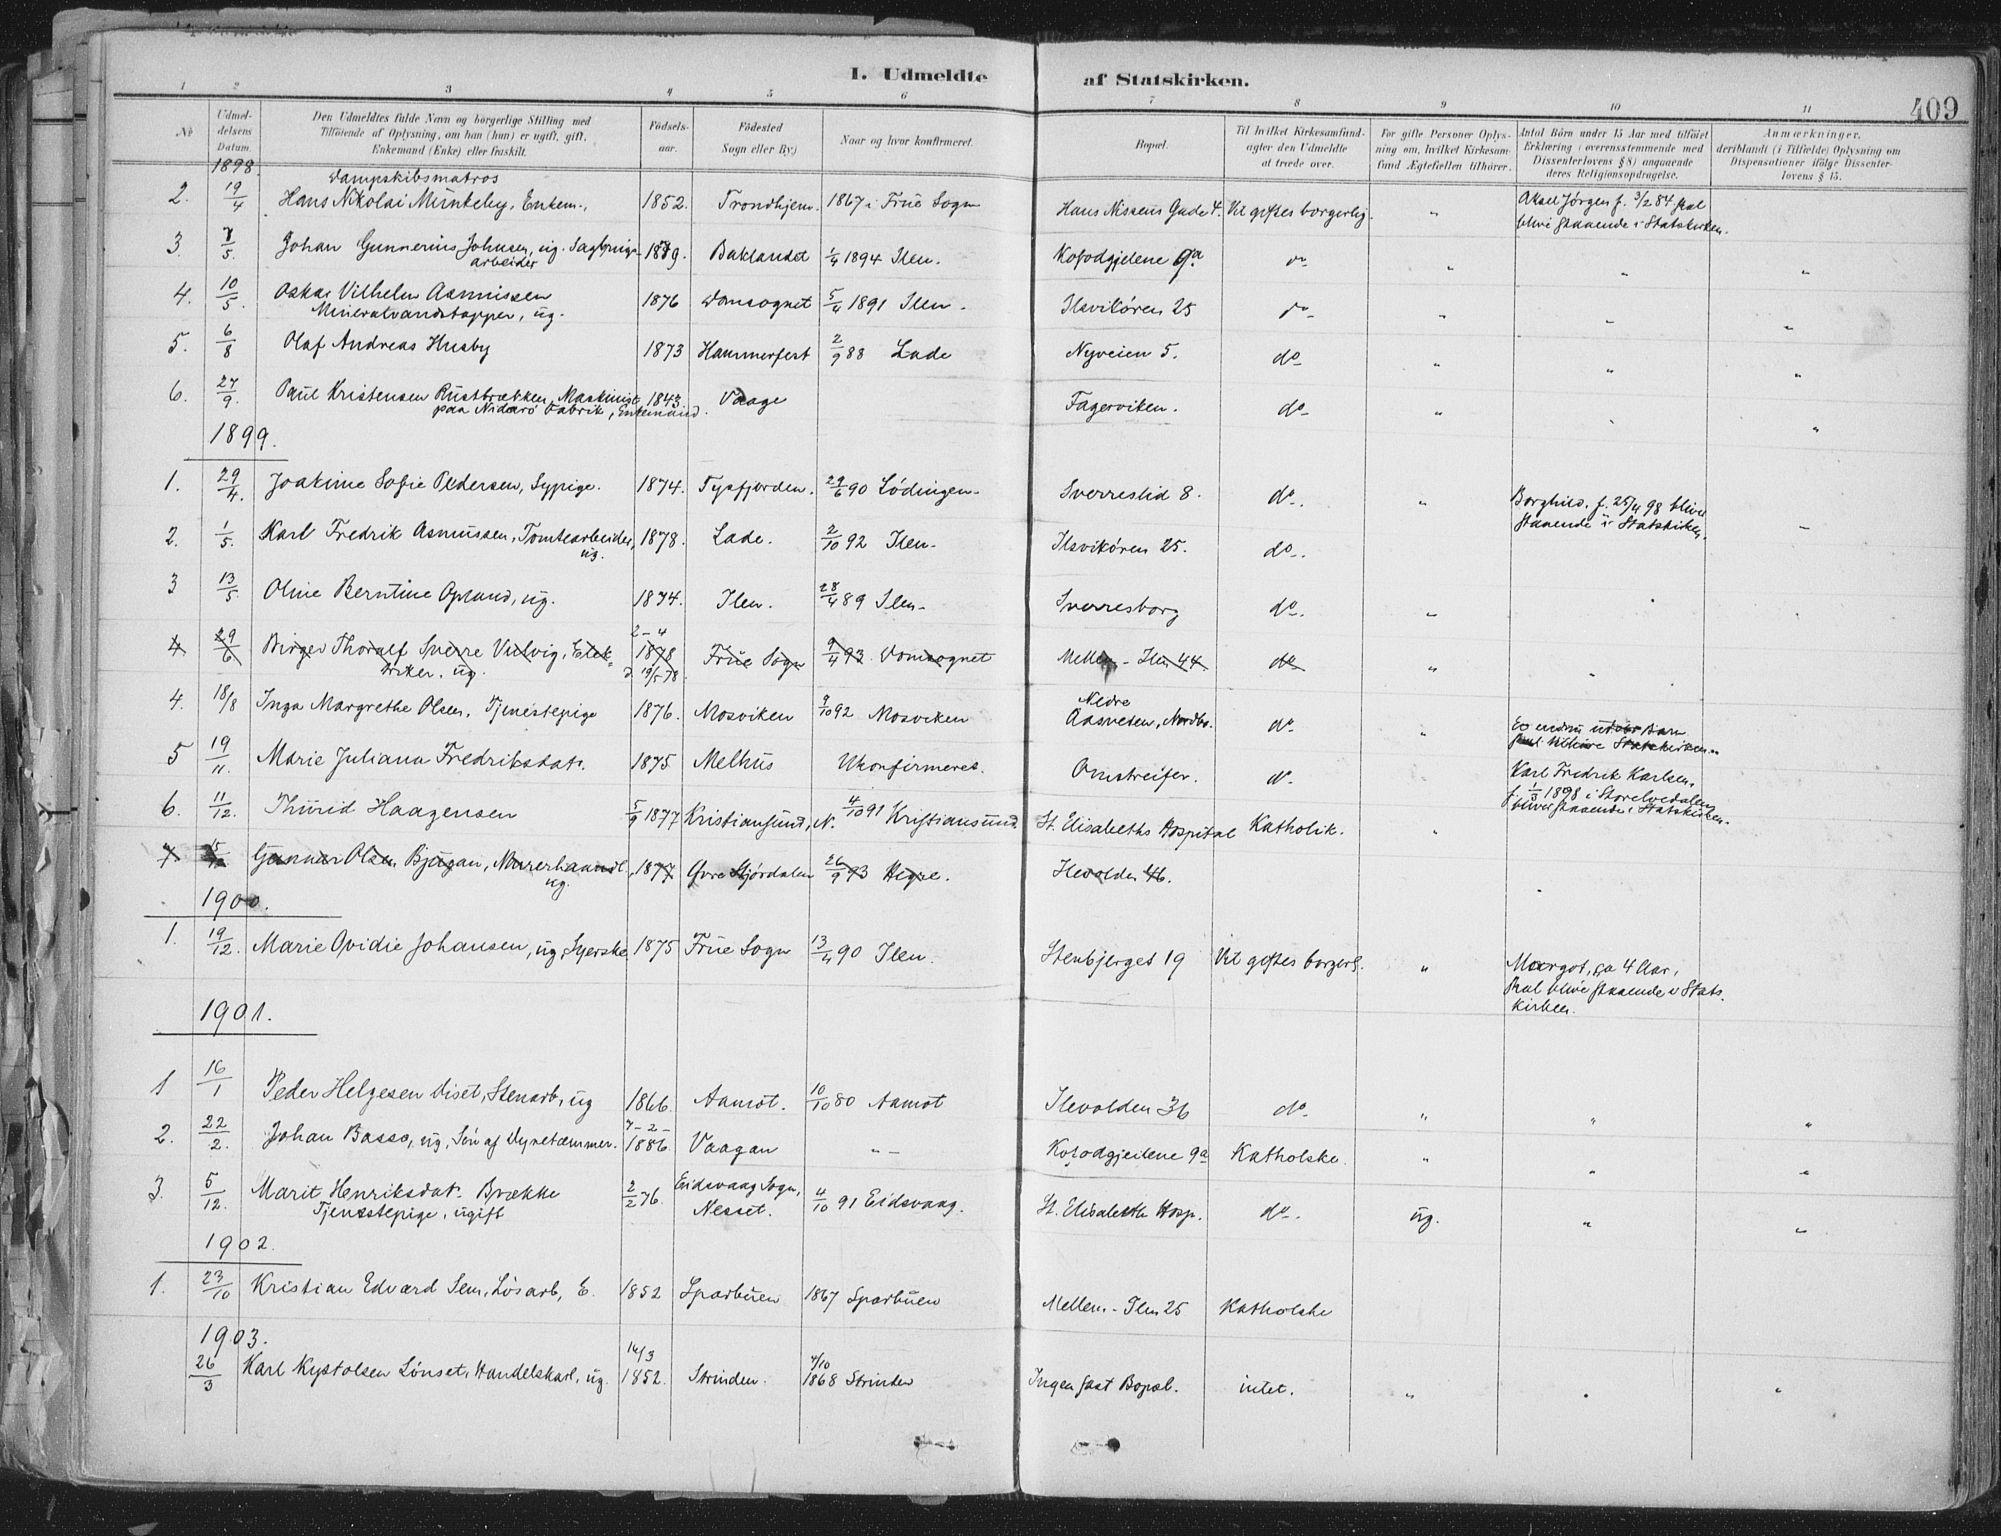 SAT, Ministerialprotokoller, klokkerbøker og fødselsregistre - Sør-Trøndelag, 603/L0167: Ministerialbok nr. 603A06, 1896-1932, s. 409